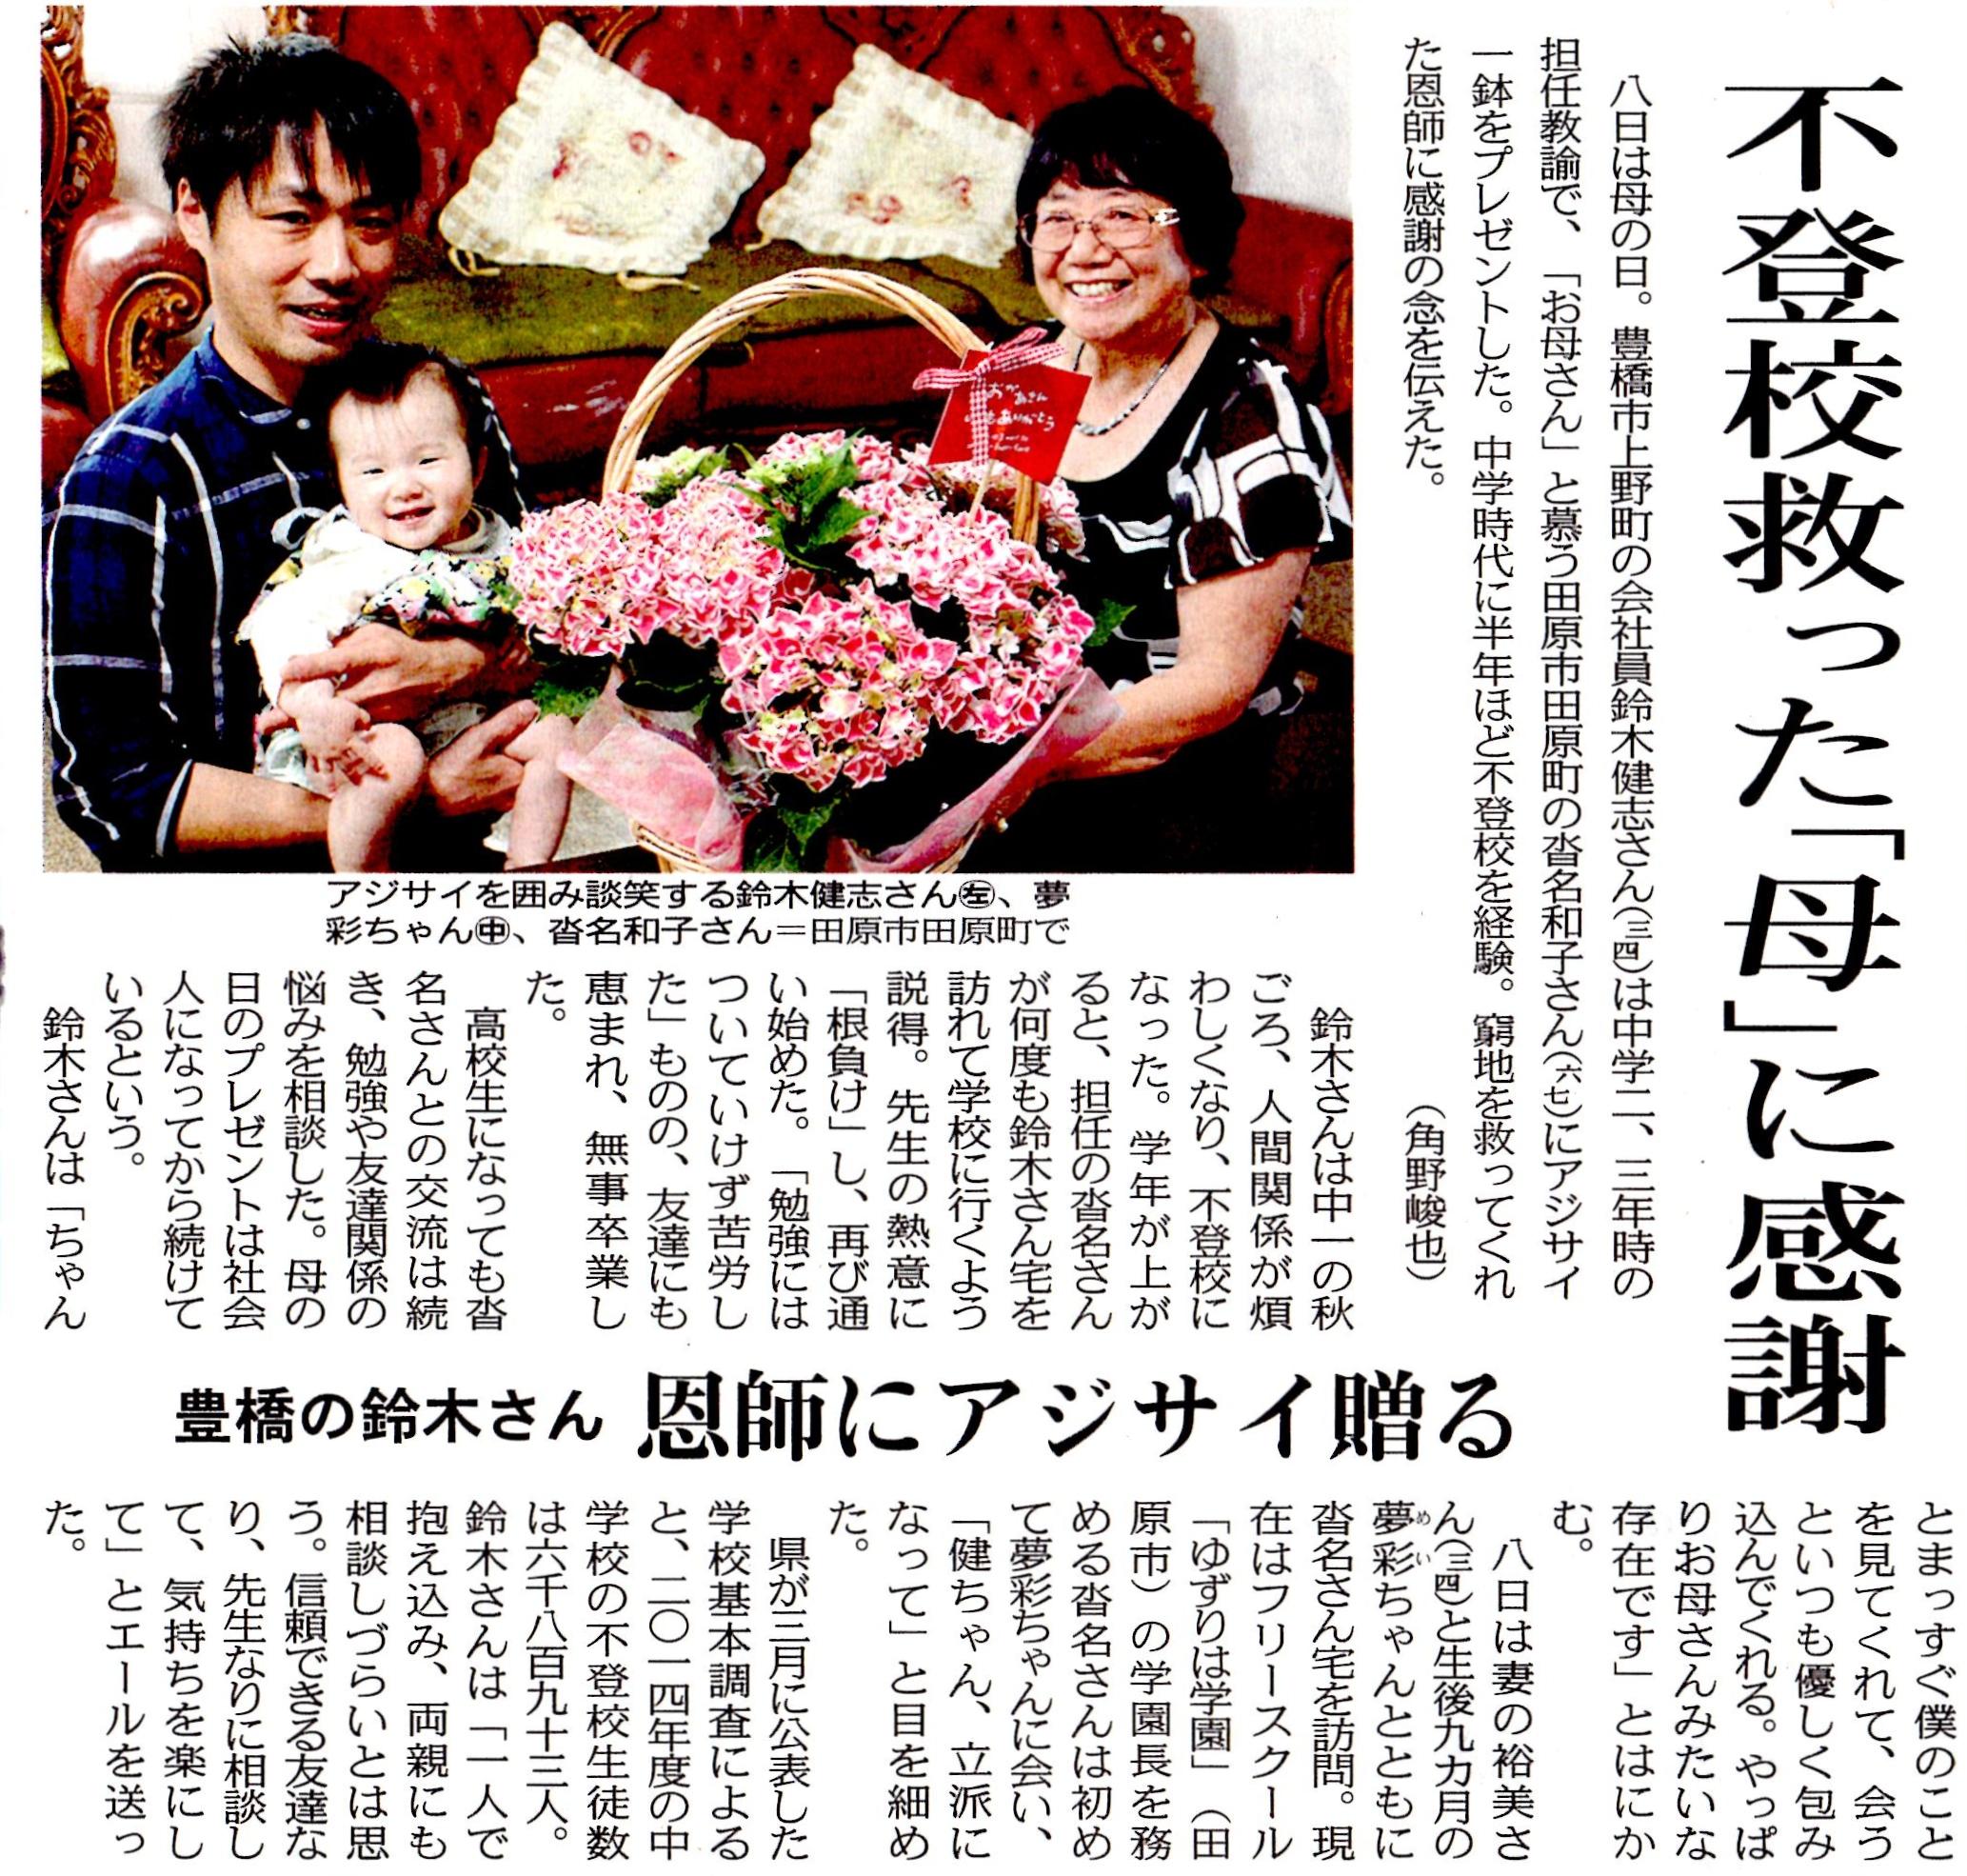 033_中日新聞掲載「不登校を救った『母』に感謝」